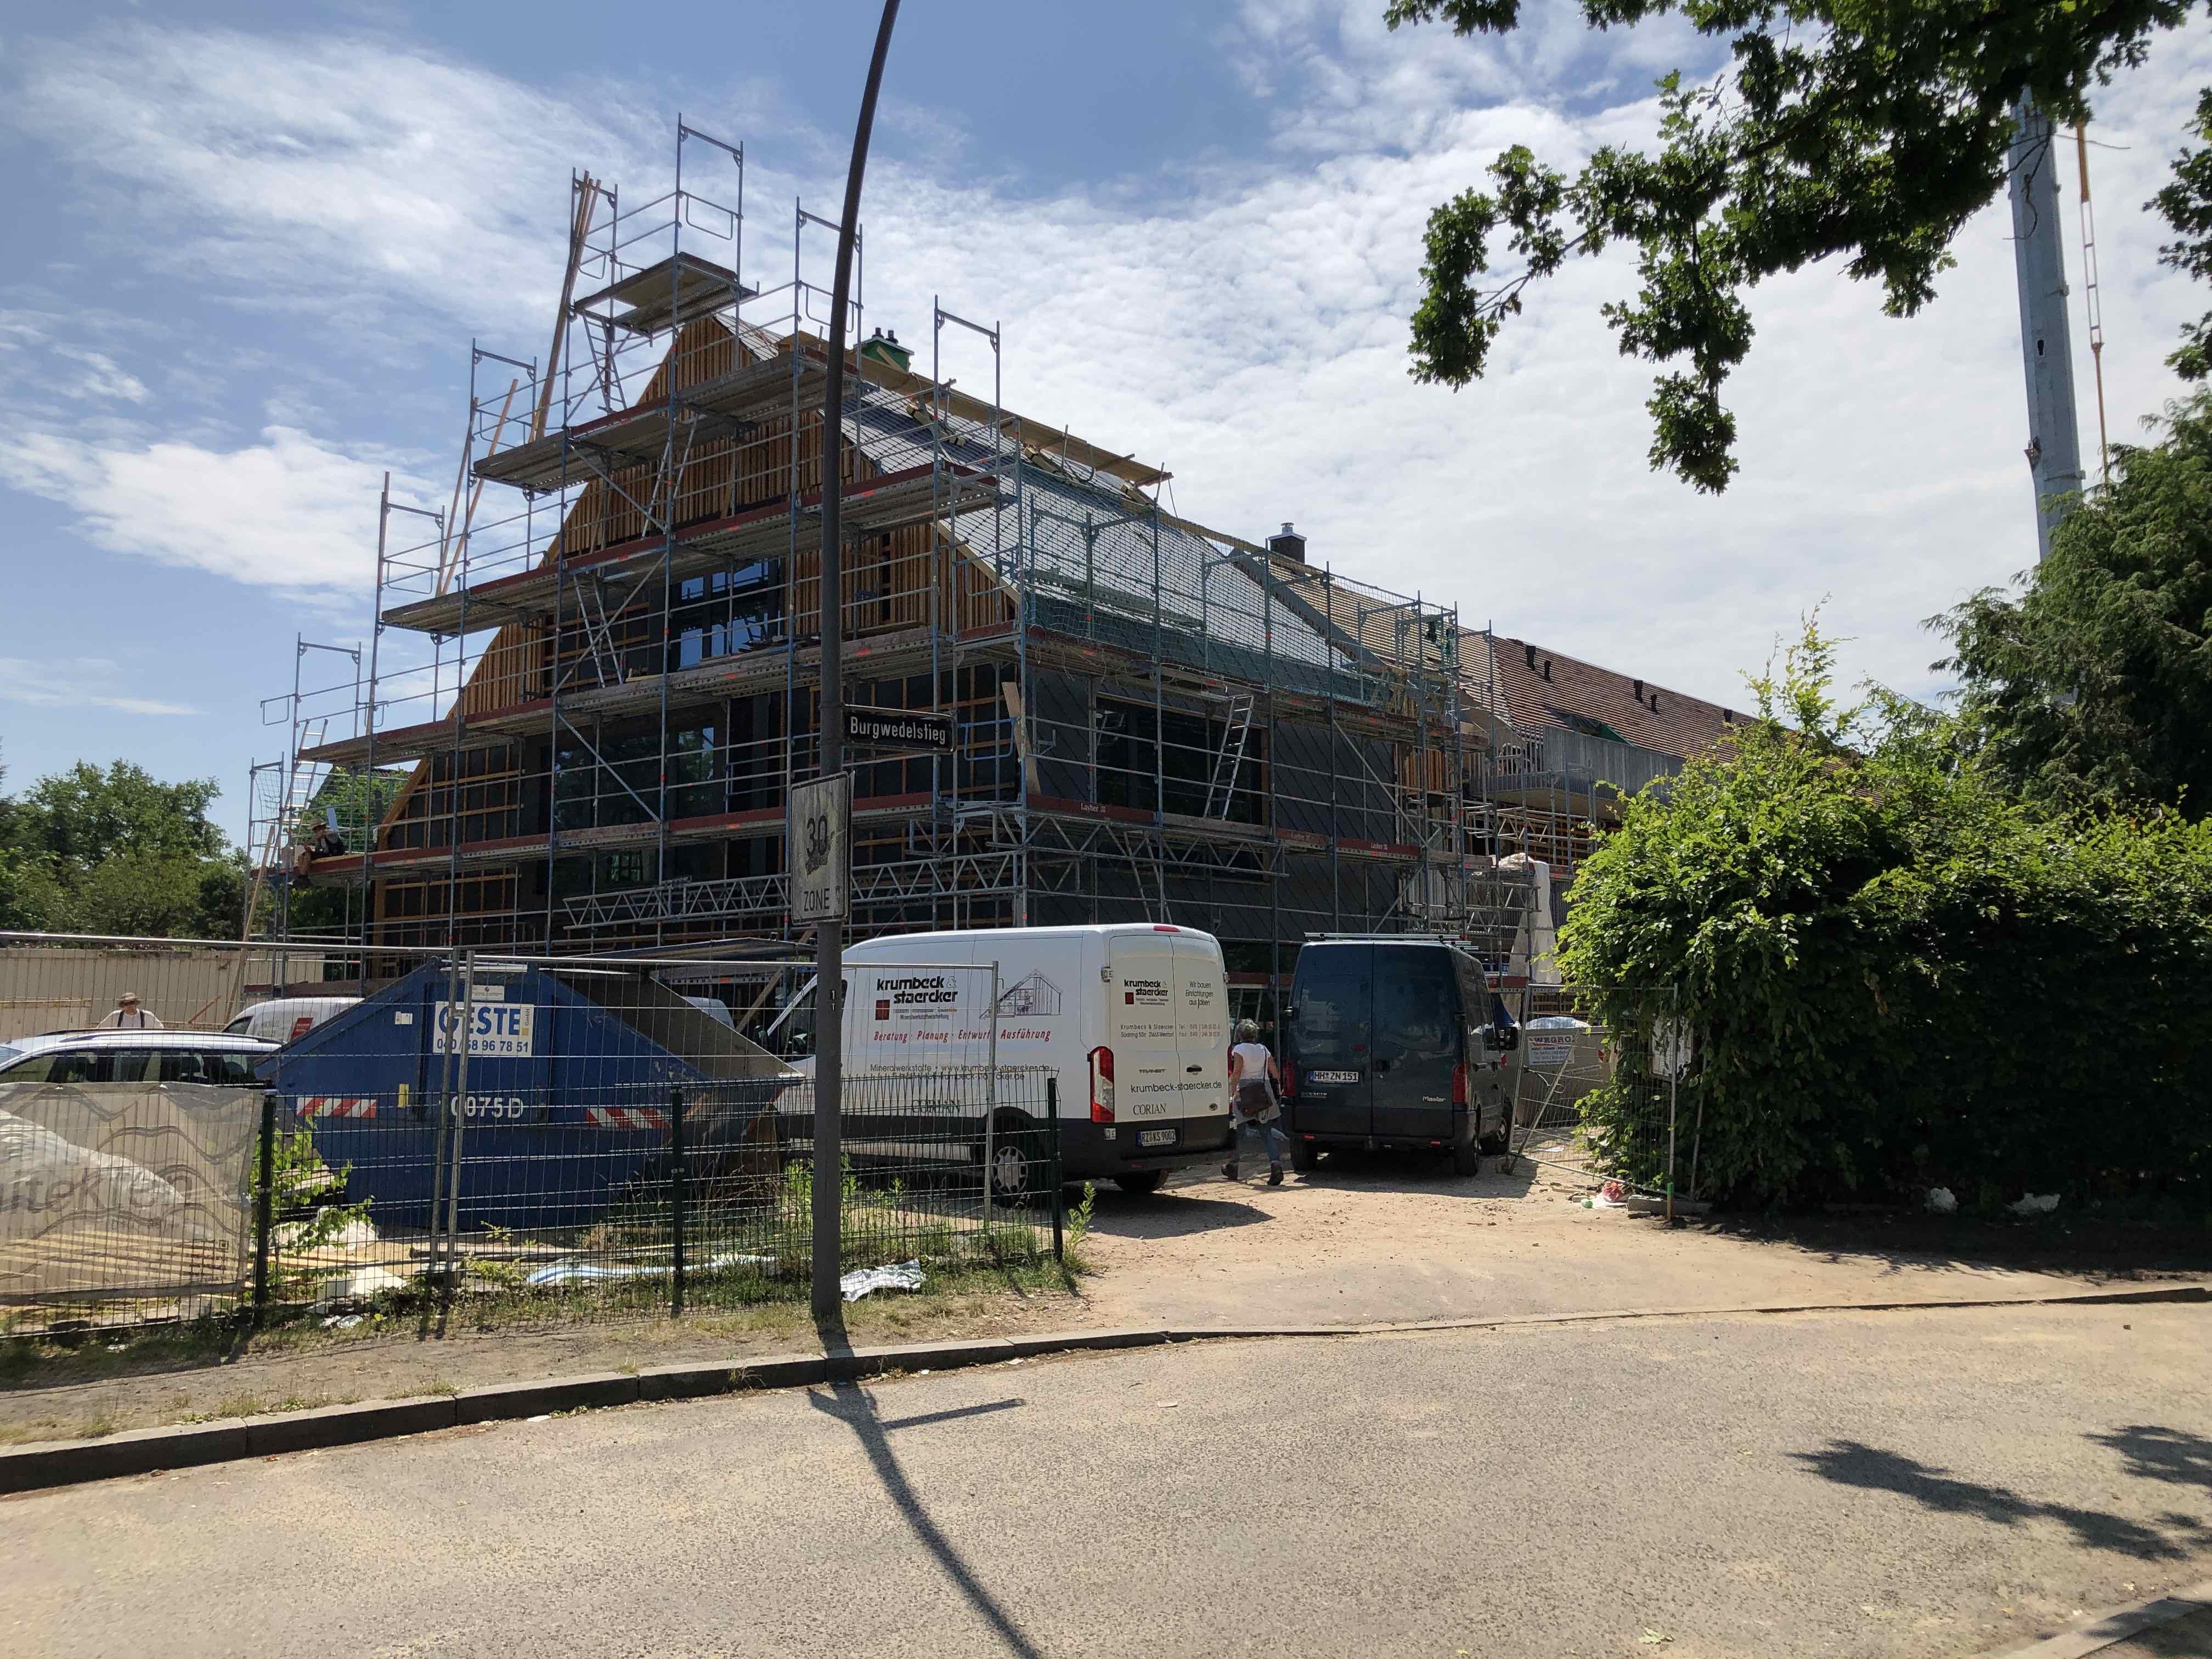 Baustelle-Endspurt